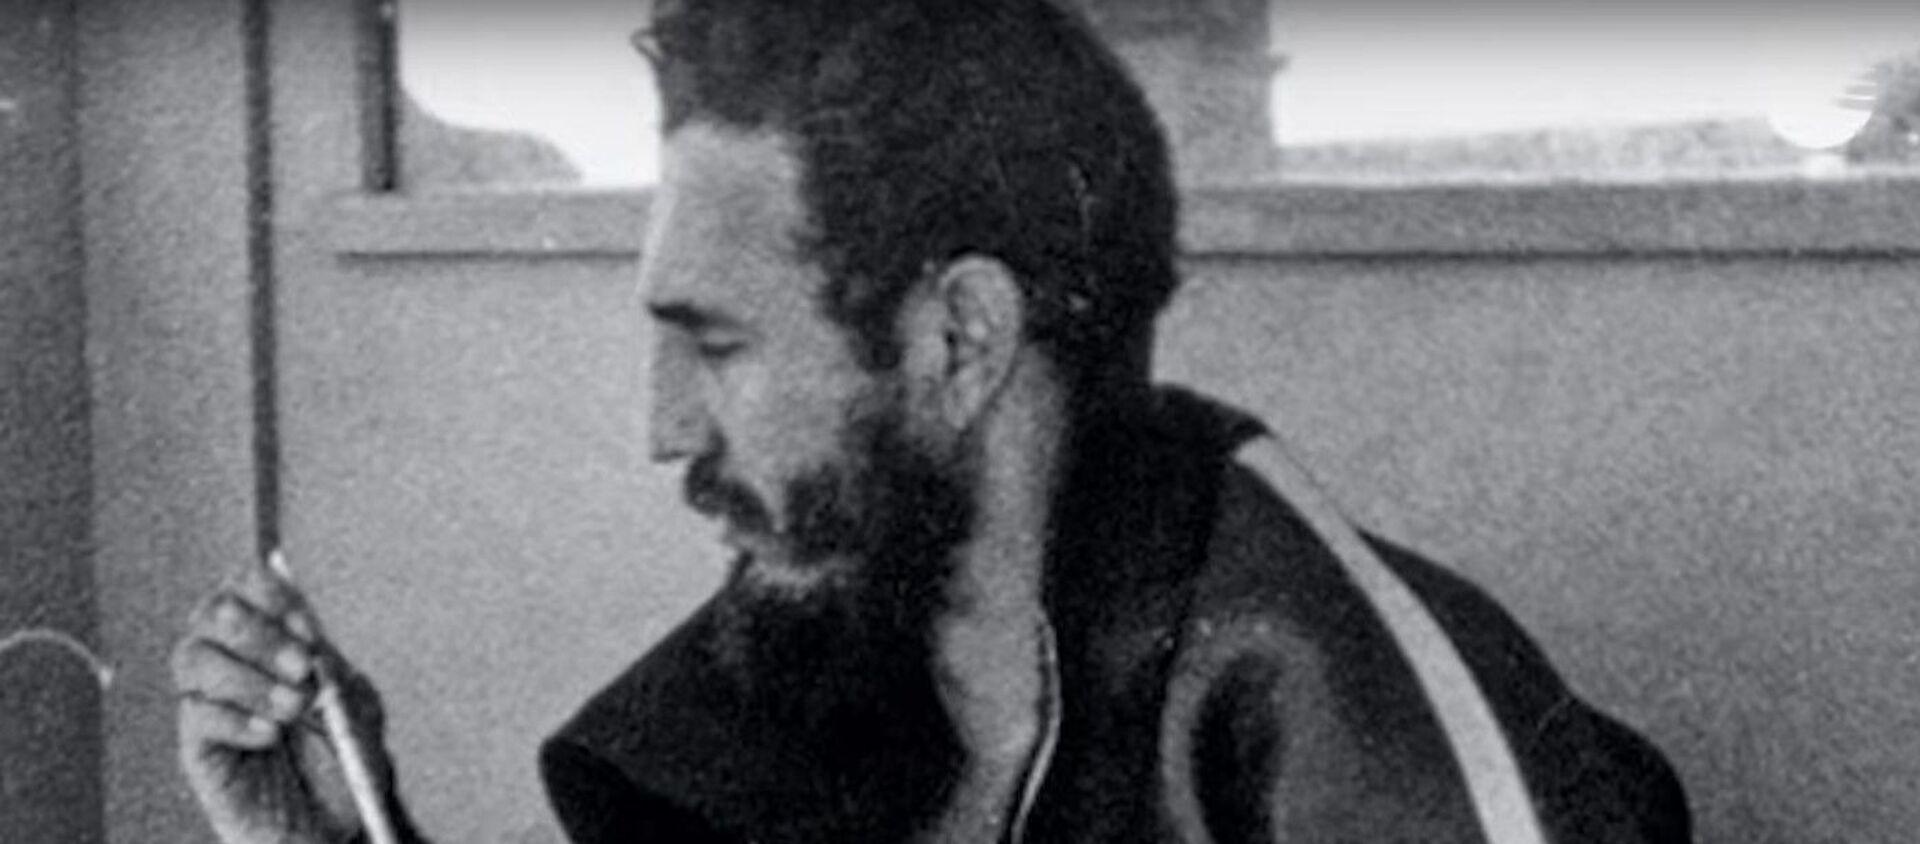 Жизнь и смерть Фиделя Кастро - Sputnik Абхазия, 1920, 13.08.2021